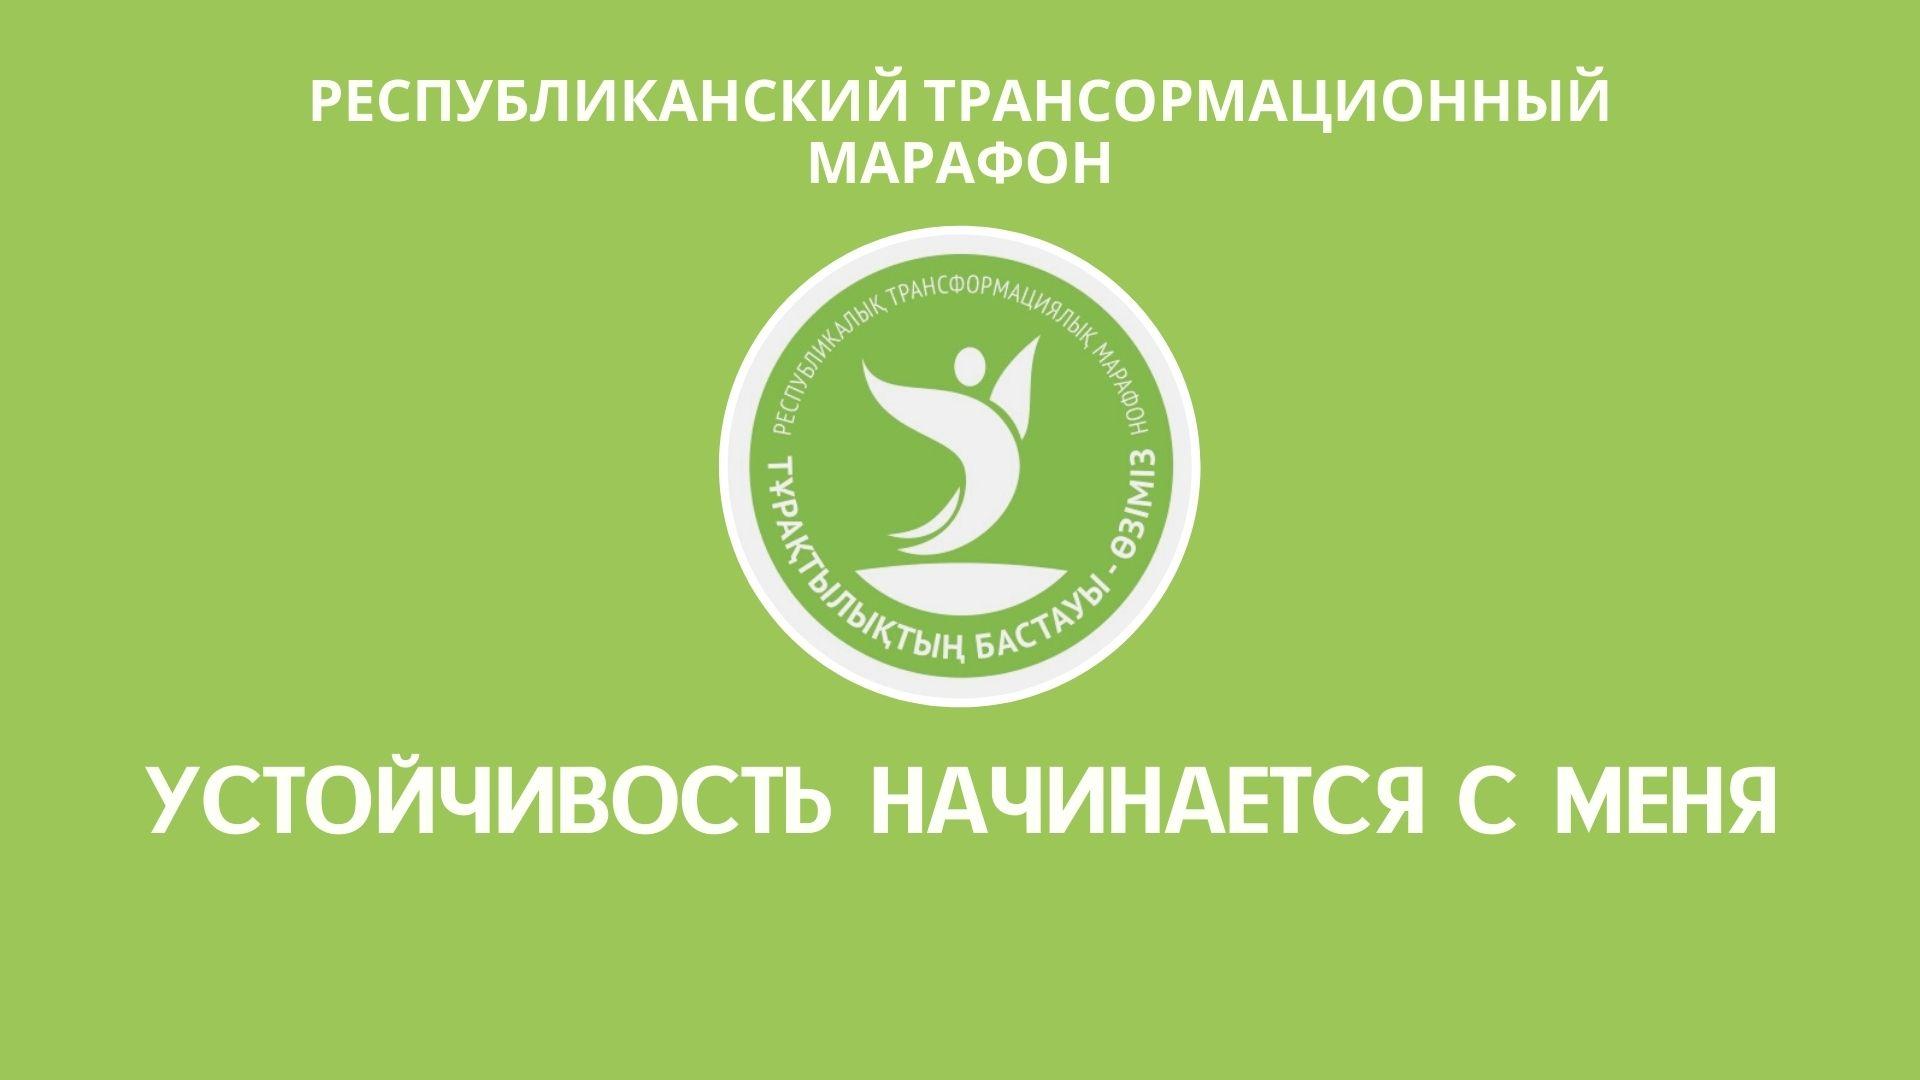 «Устойчивость начинается с меня» - приглашаем на марафон!